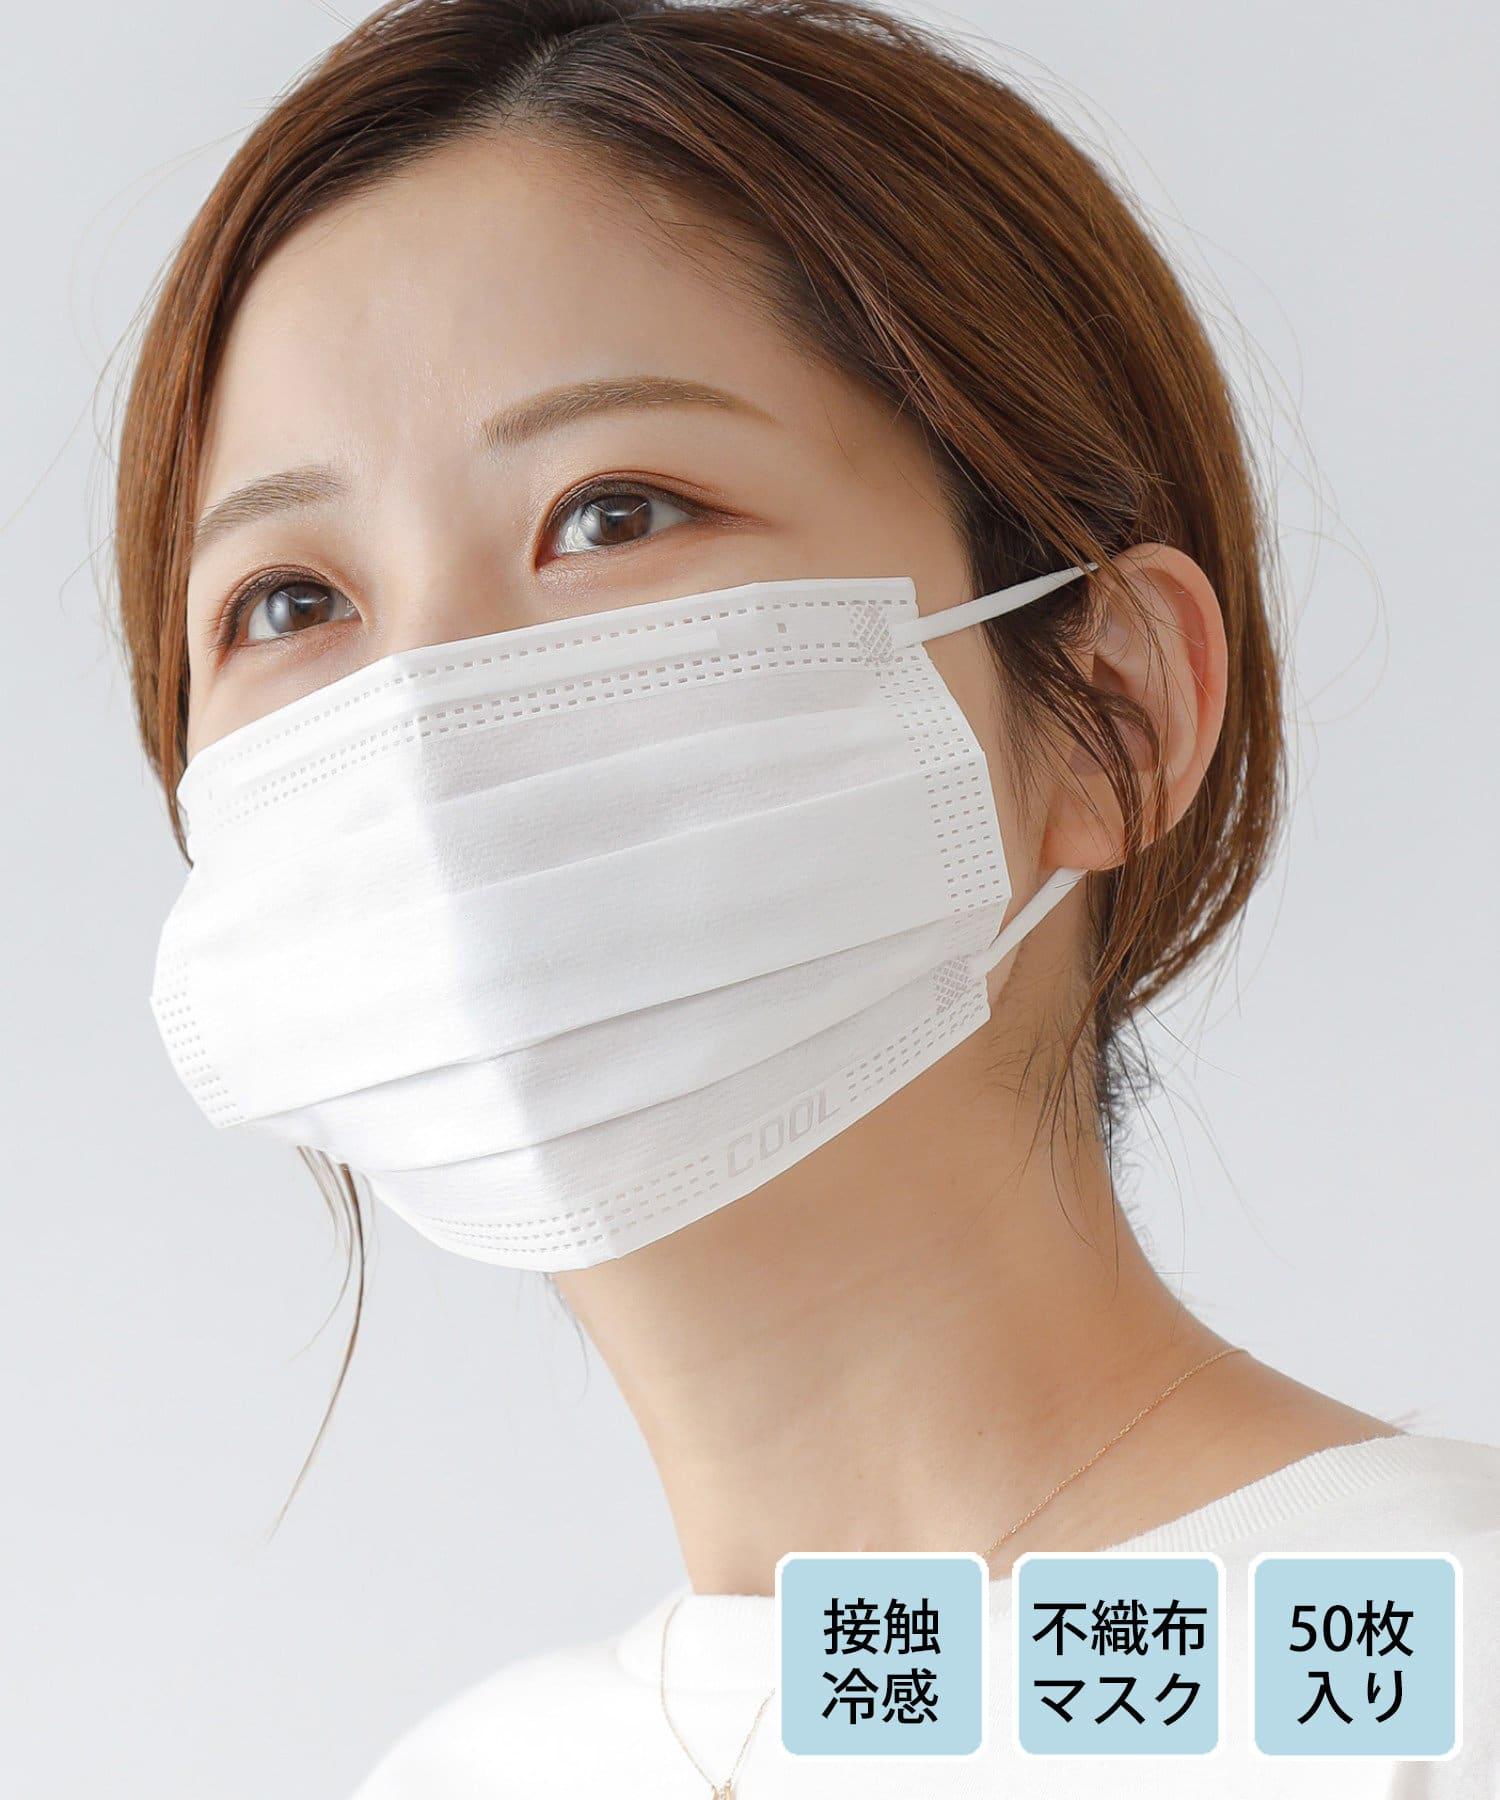 COLONY 2139(コロニー トゥーワンスリーナイン) ライフスタイル 【50枚入り】冷感不織布マスク ホワイト